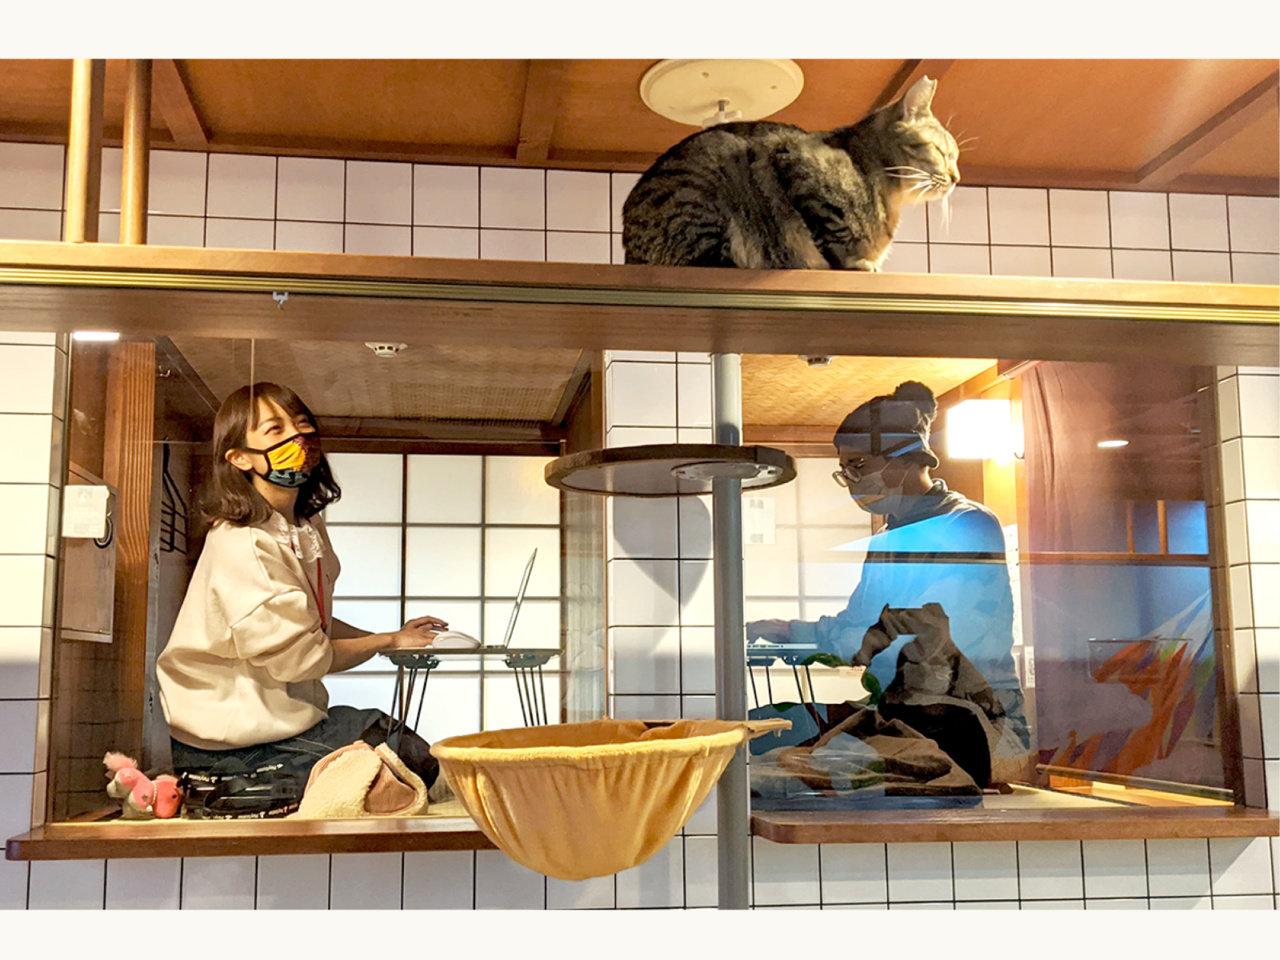 保護猫をまったり愛でながらテレワークできる、猫と泊まれるホテルの新サービス「猫旅籠ワーク」